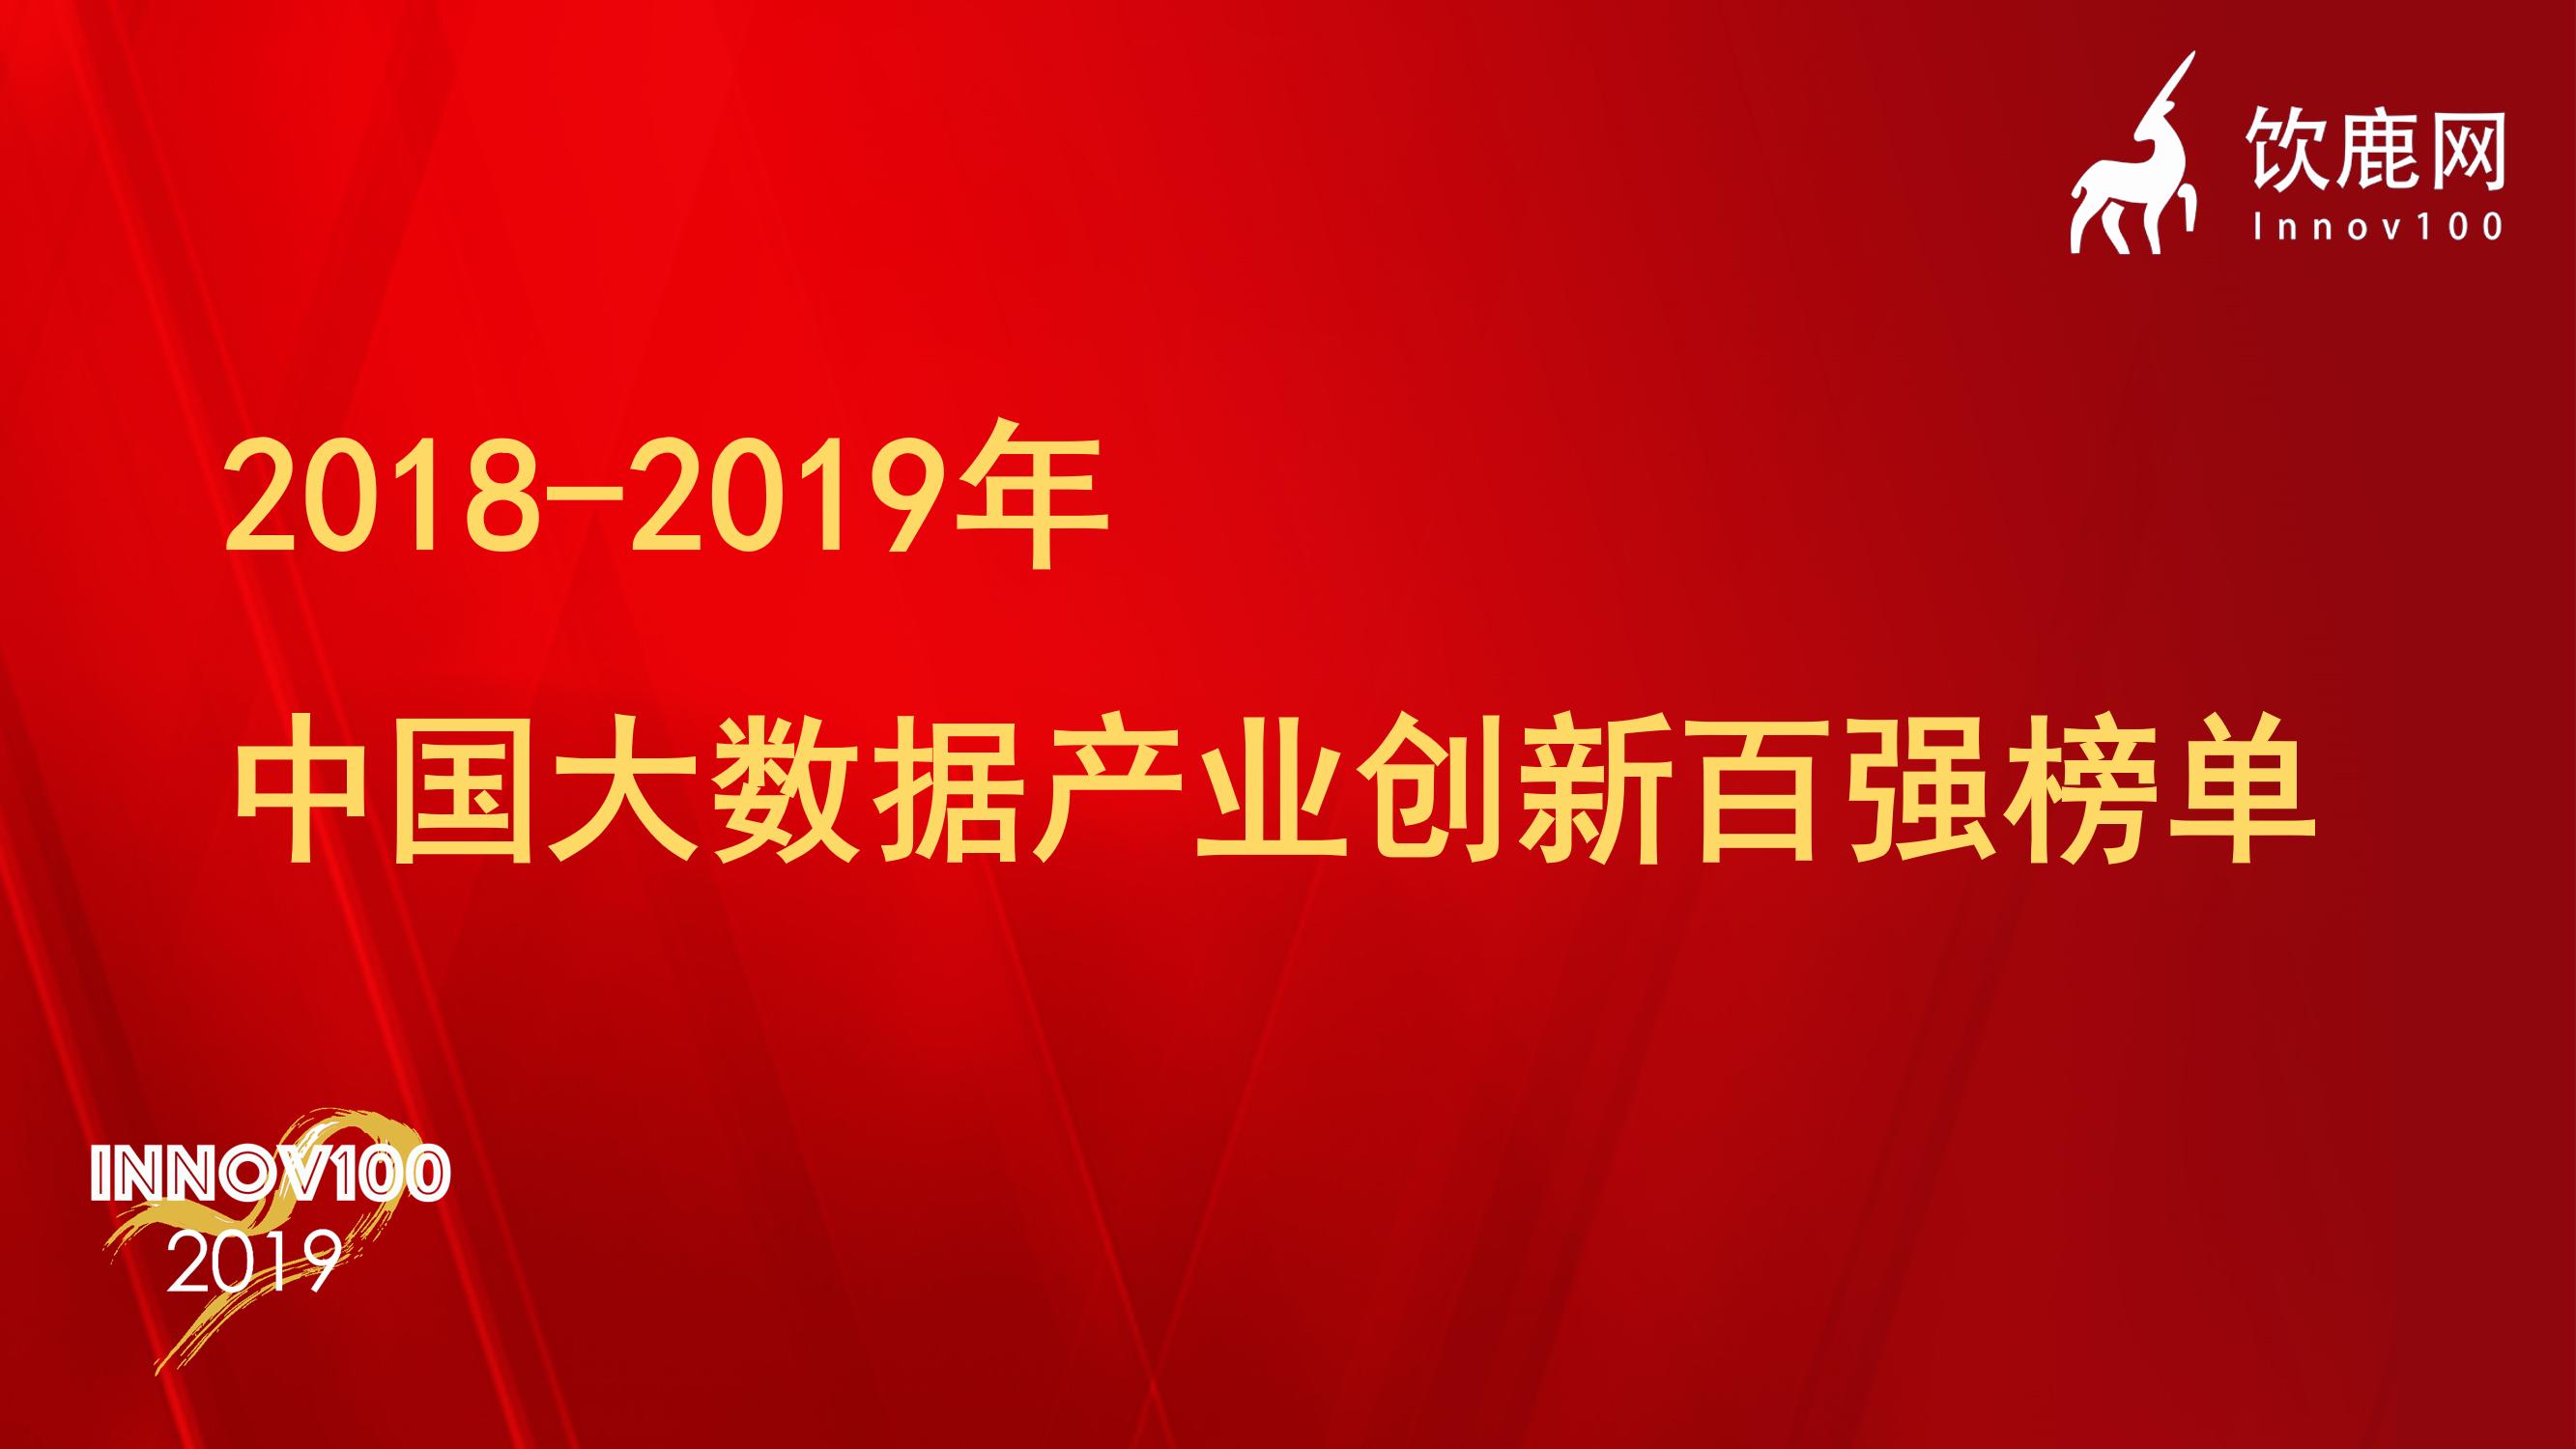 饮鹿网2018-2019年中国大数据产业创新百强榜单发布!